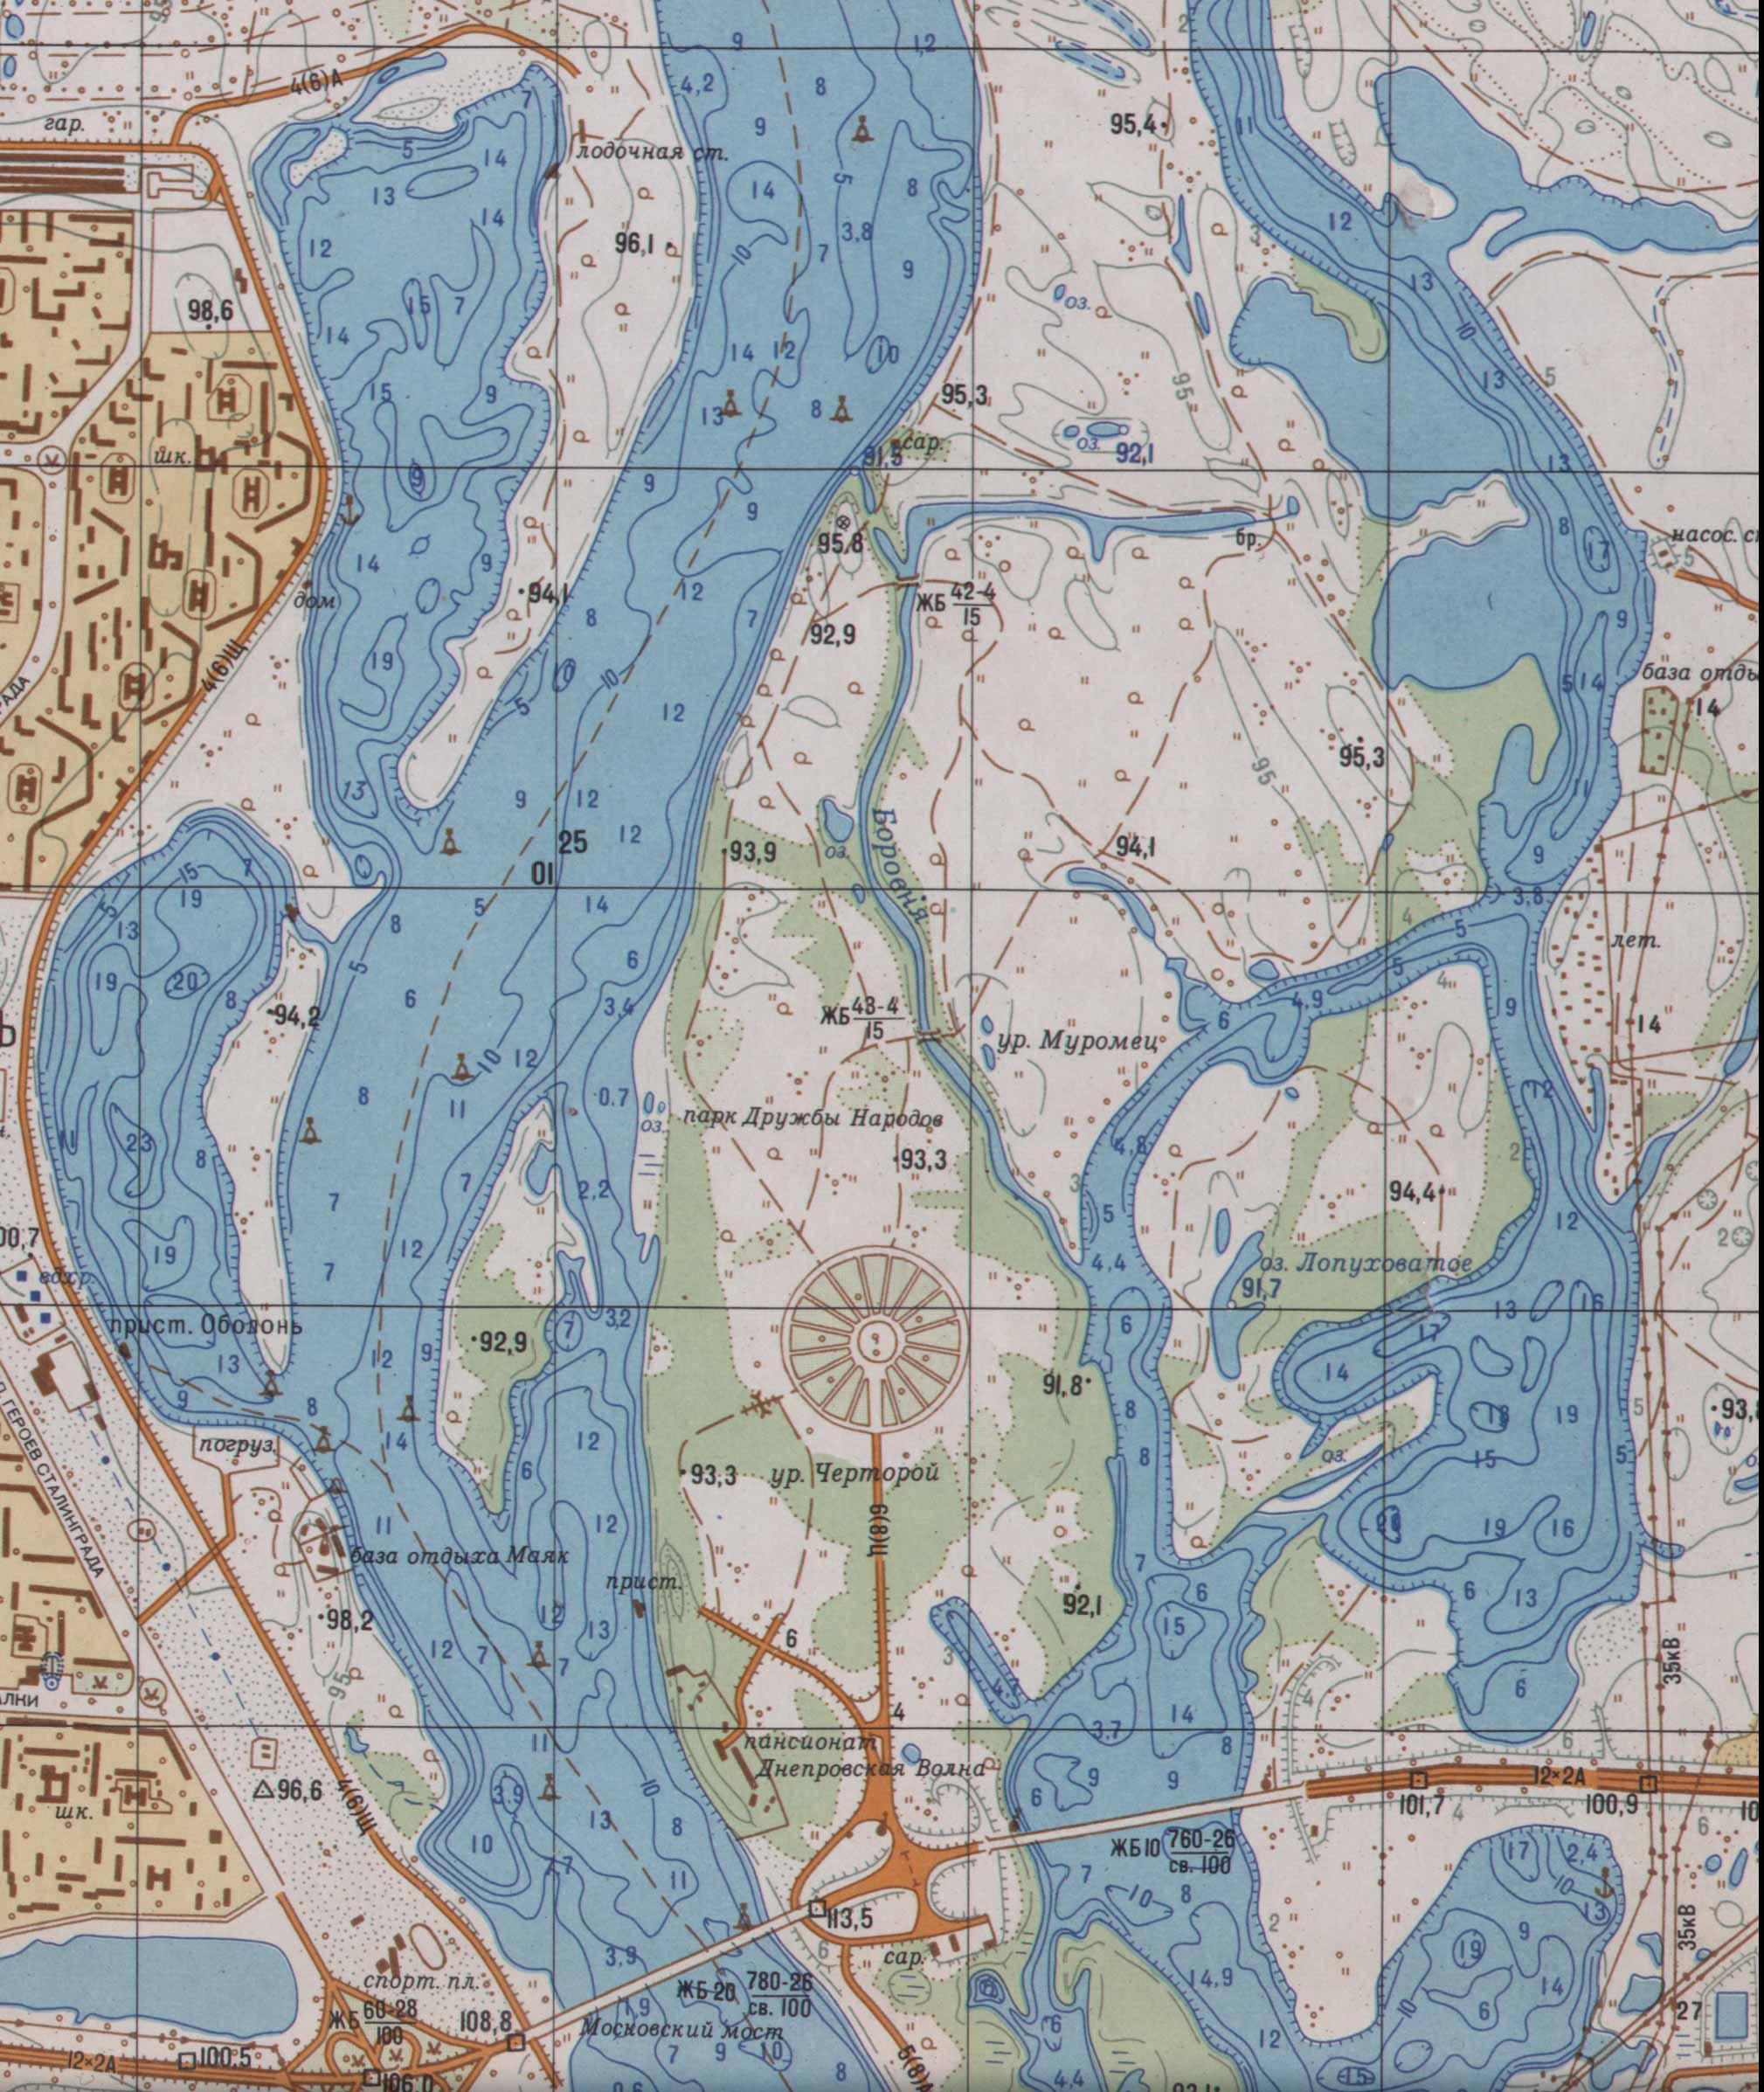 карта реки днепр с глубинами для рыбалки